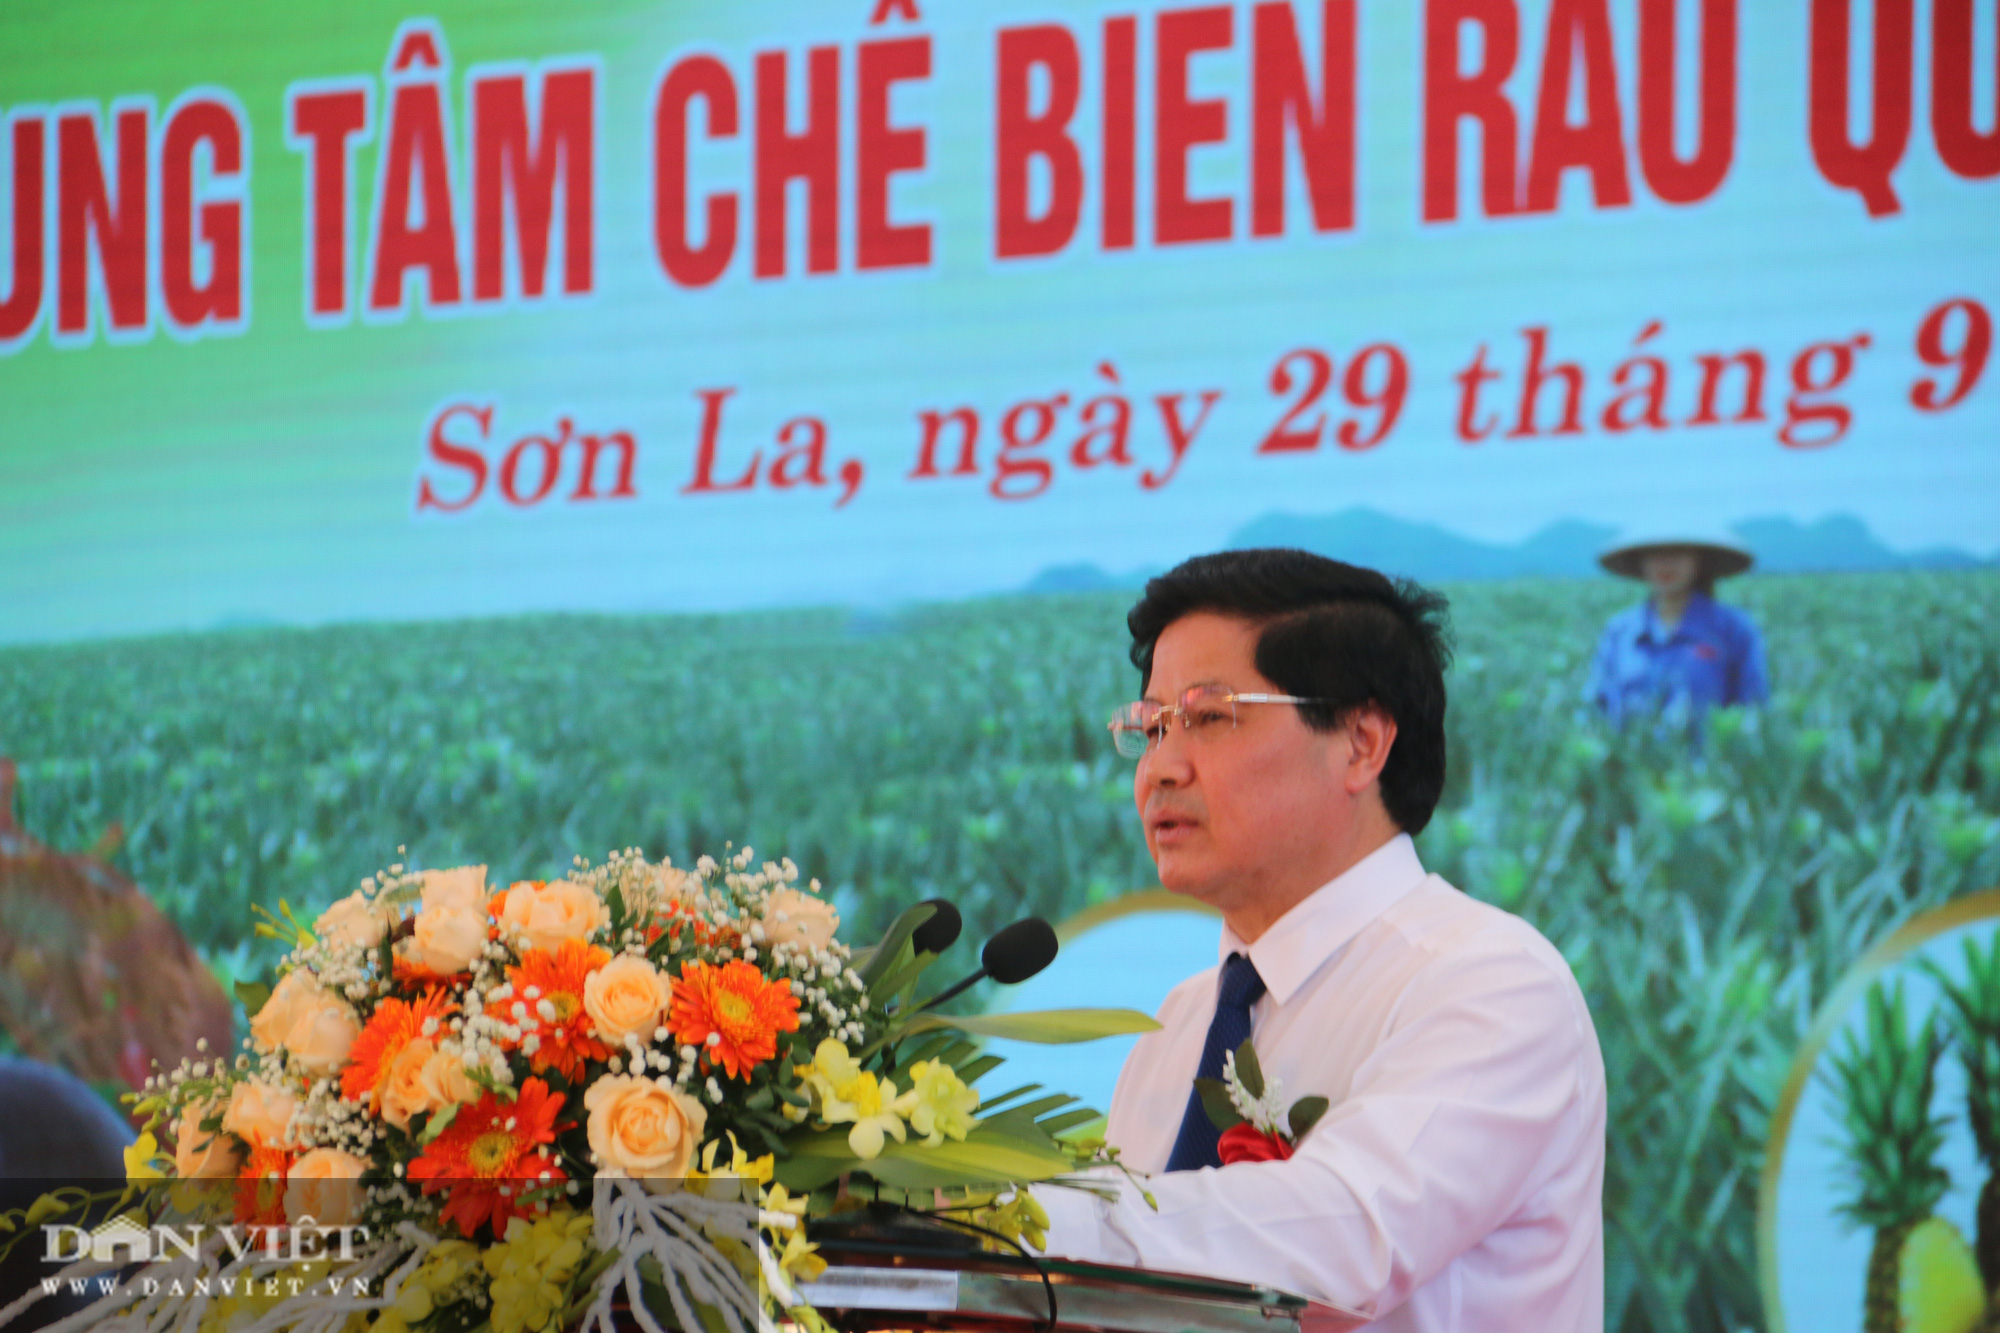 Sơn La: Khởi công xây dựng trung tâm chế biến rau, quả - Ảnh 2.